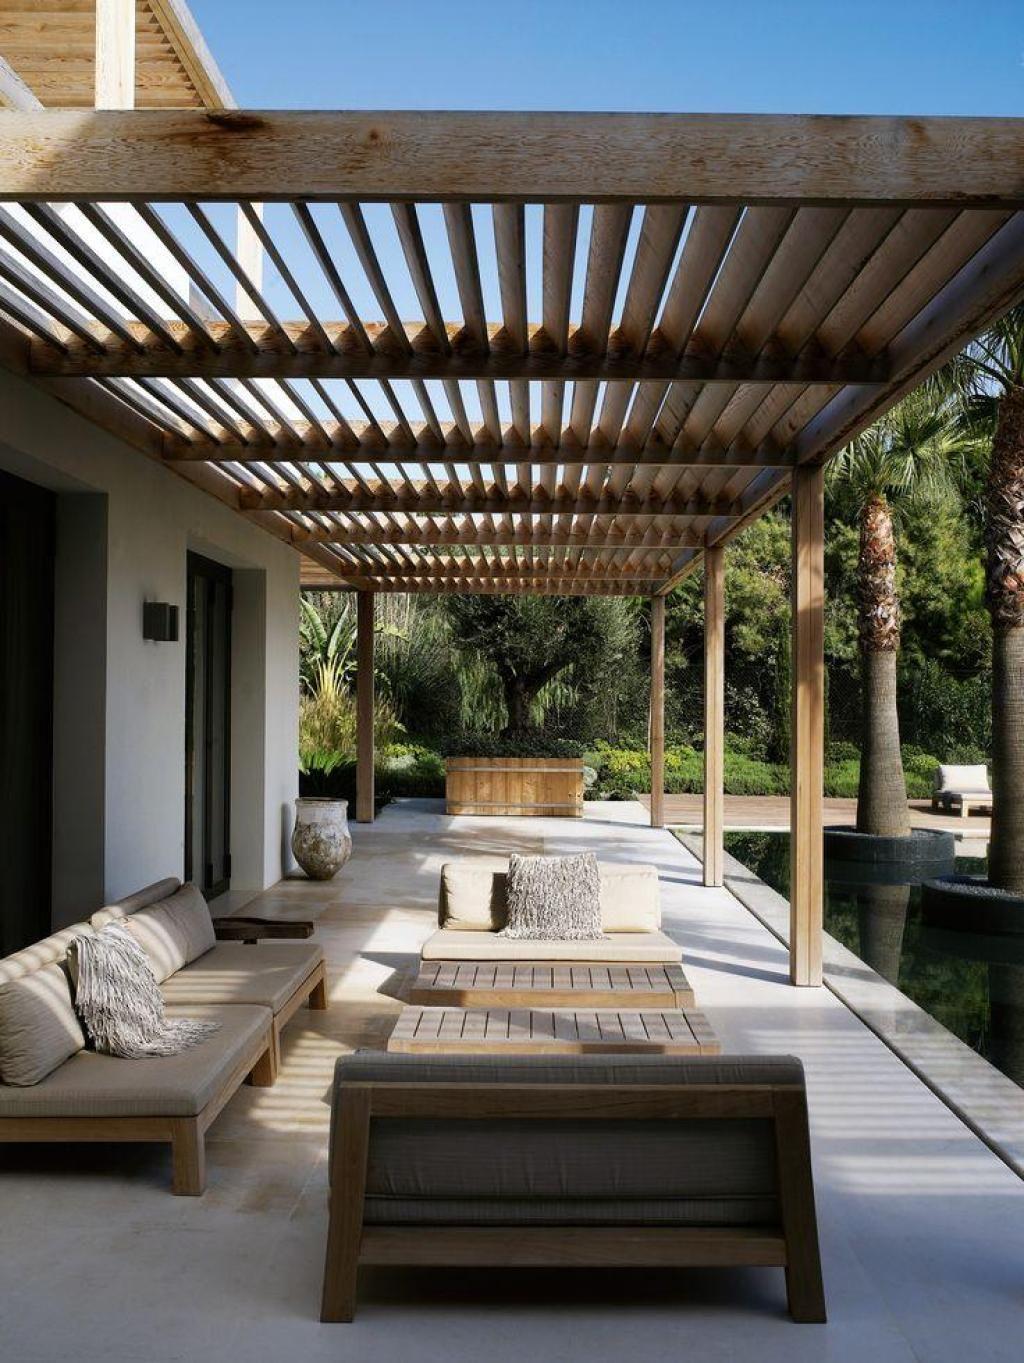 Pergola gestalten 50 Ideen für Ihre sommerliche Gartengestaltung #pergolapatio